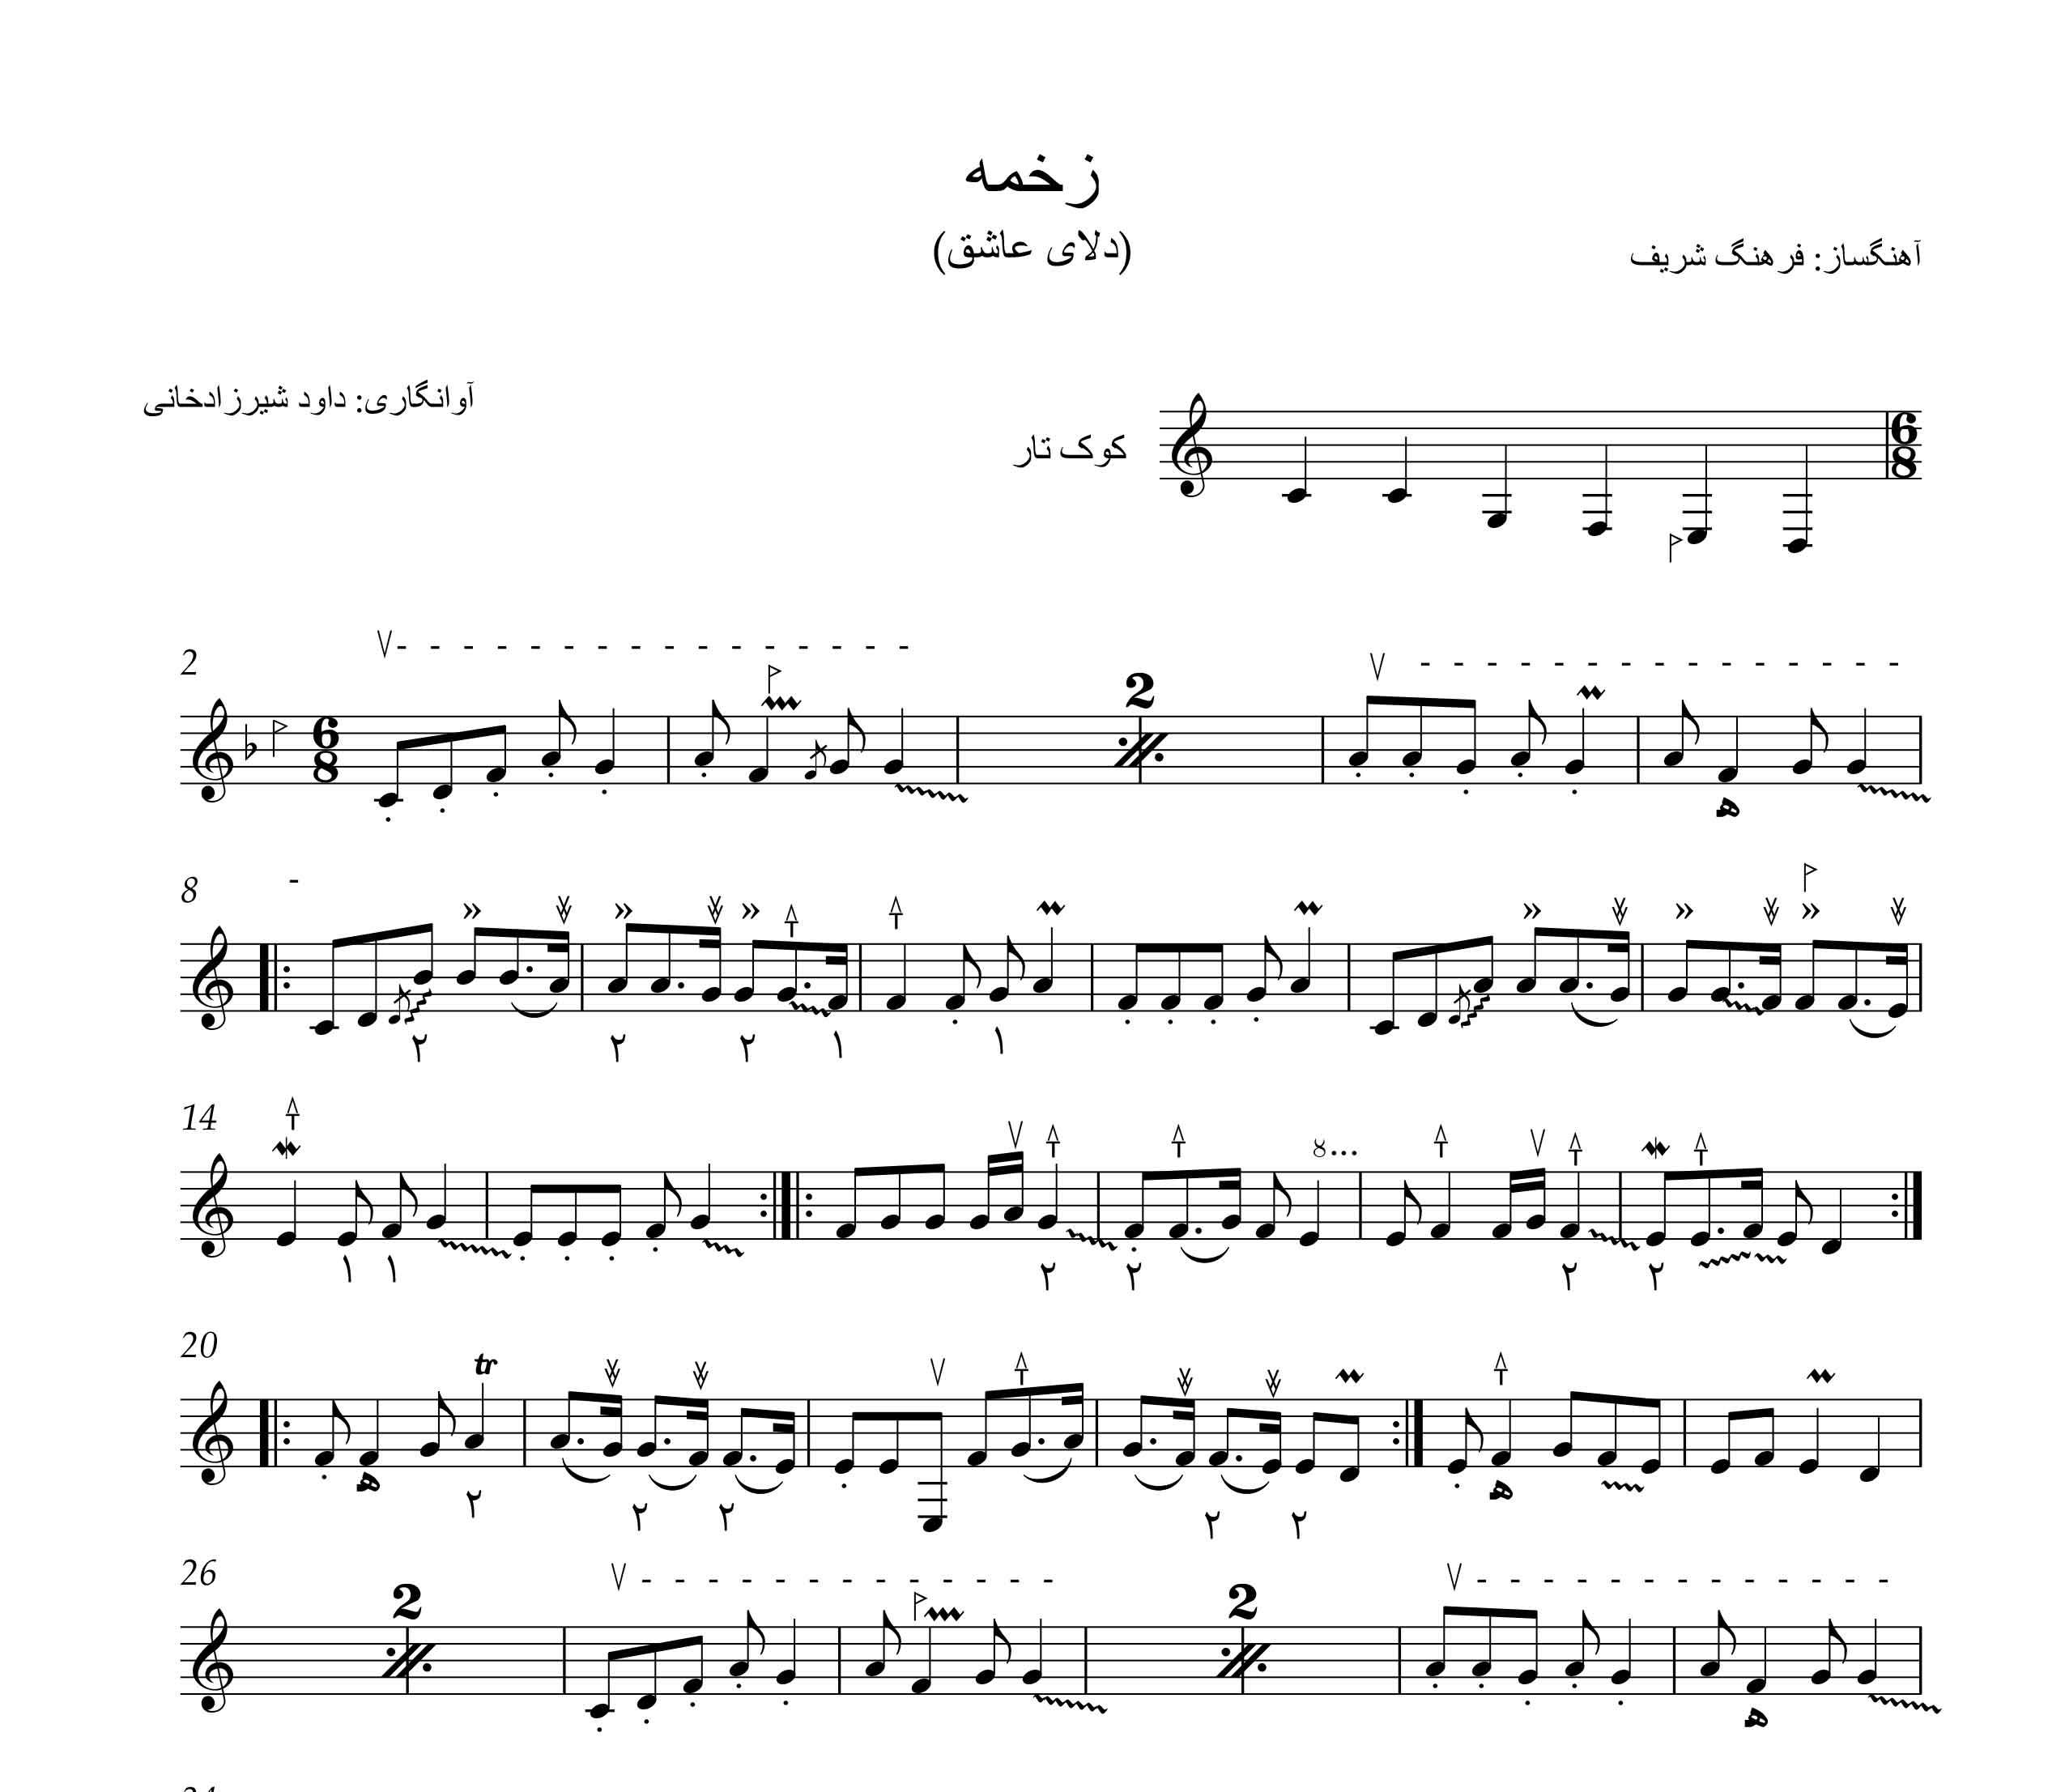 نت زخمه ابوعطا فرهنگ شریف (دلای عاشق) برای تار و قابل اجرا با سه تار